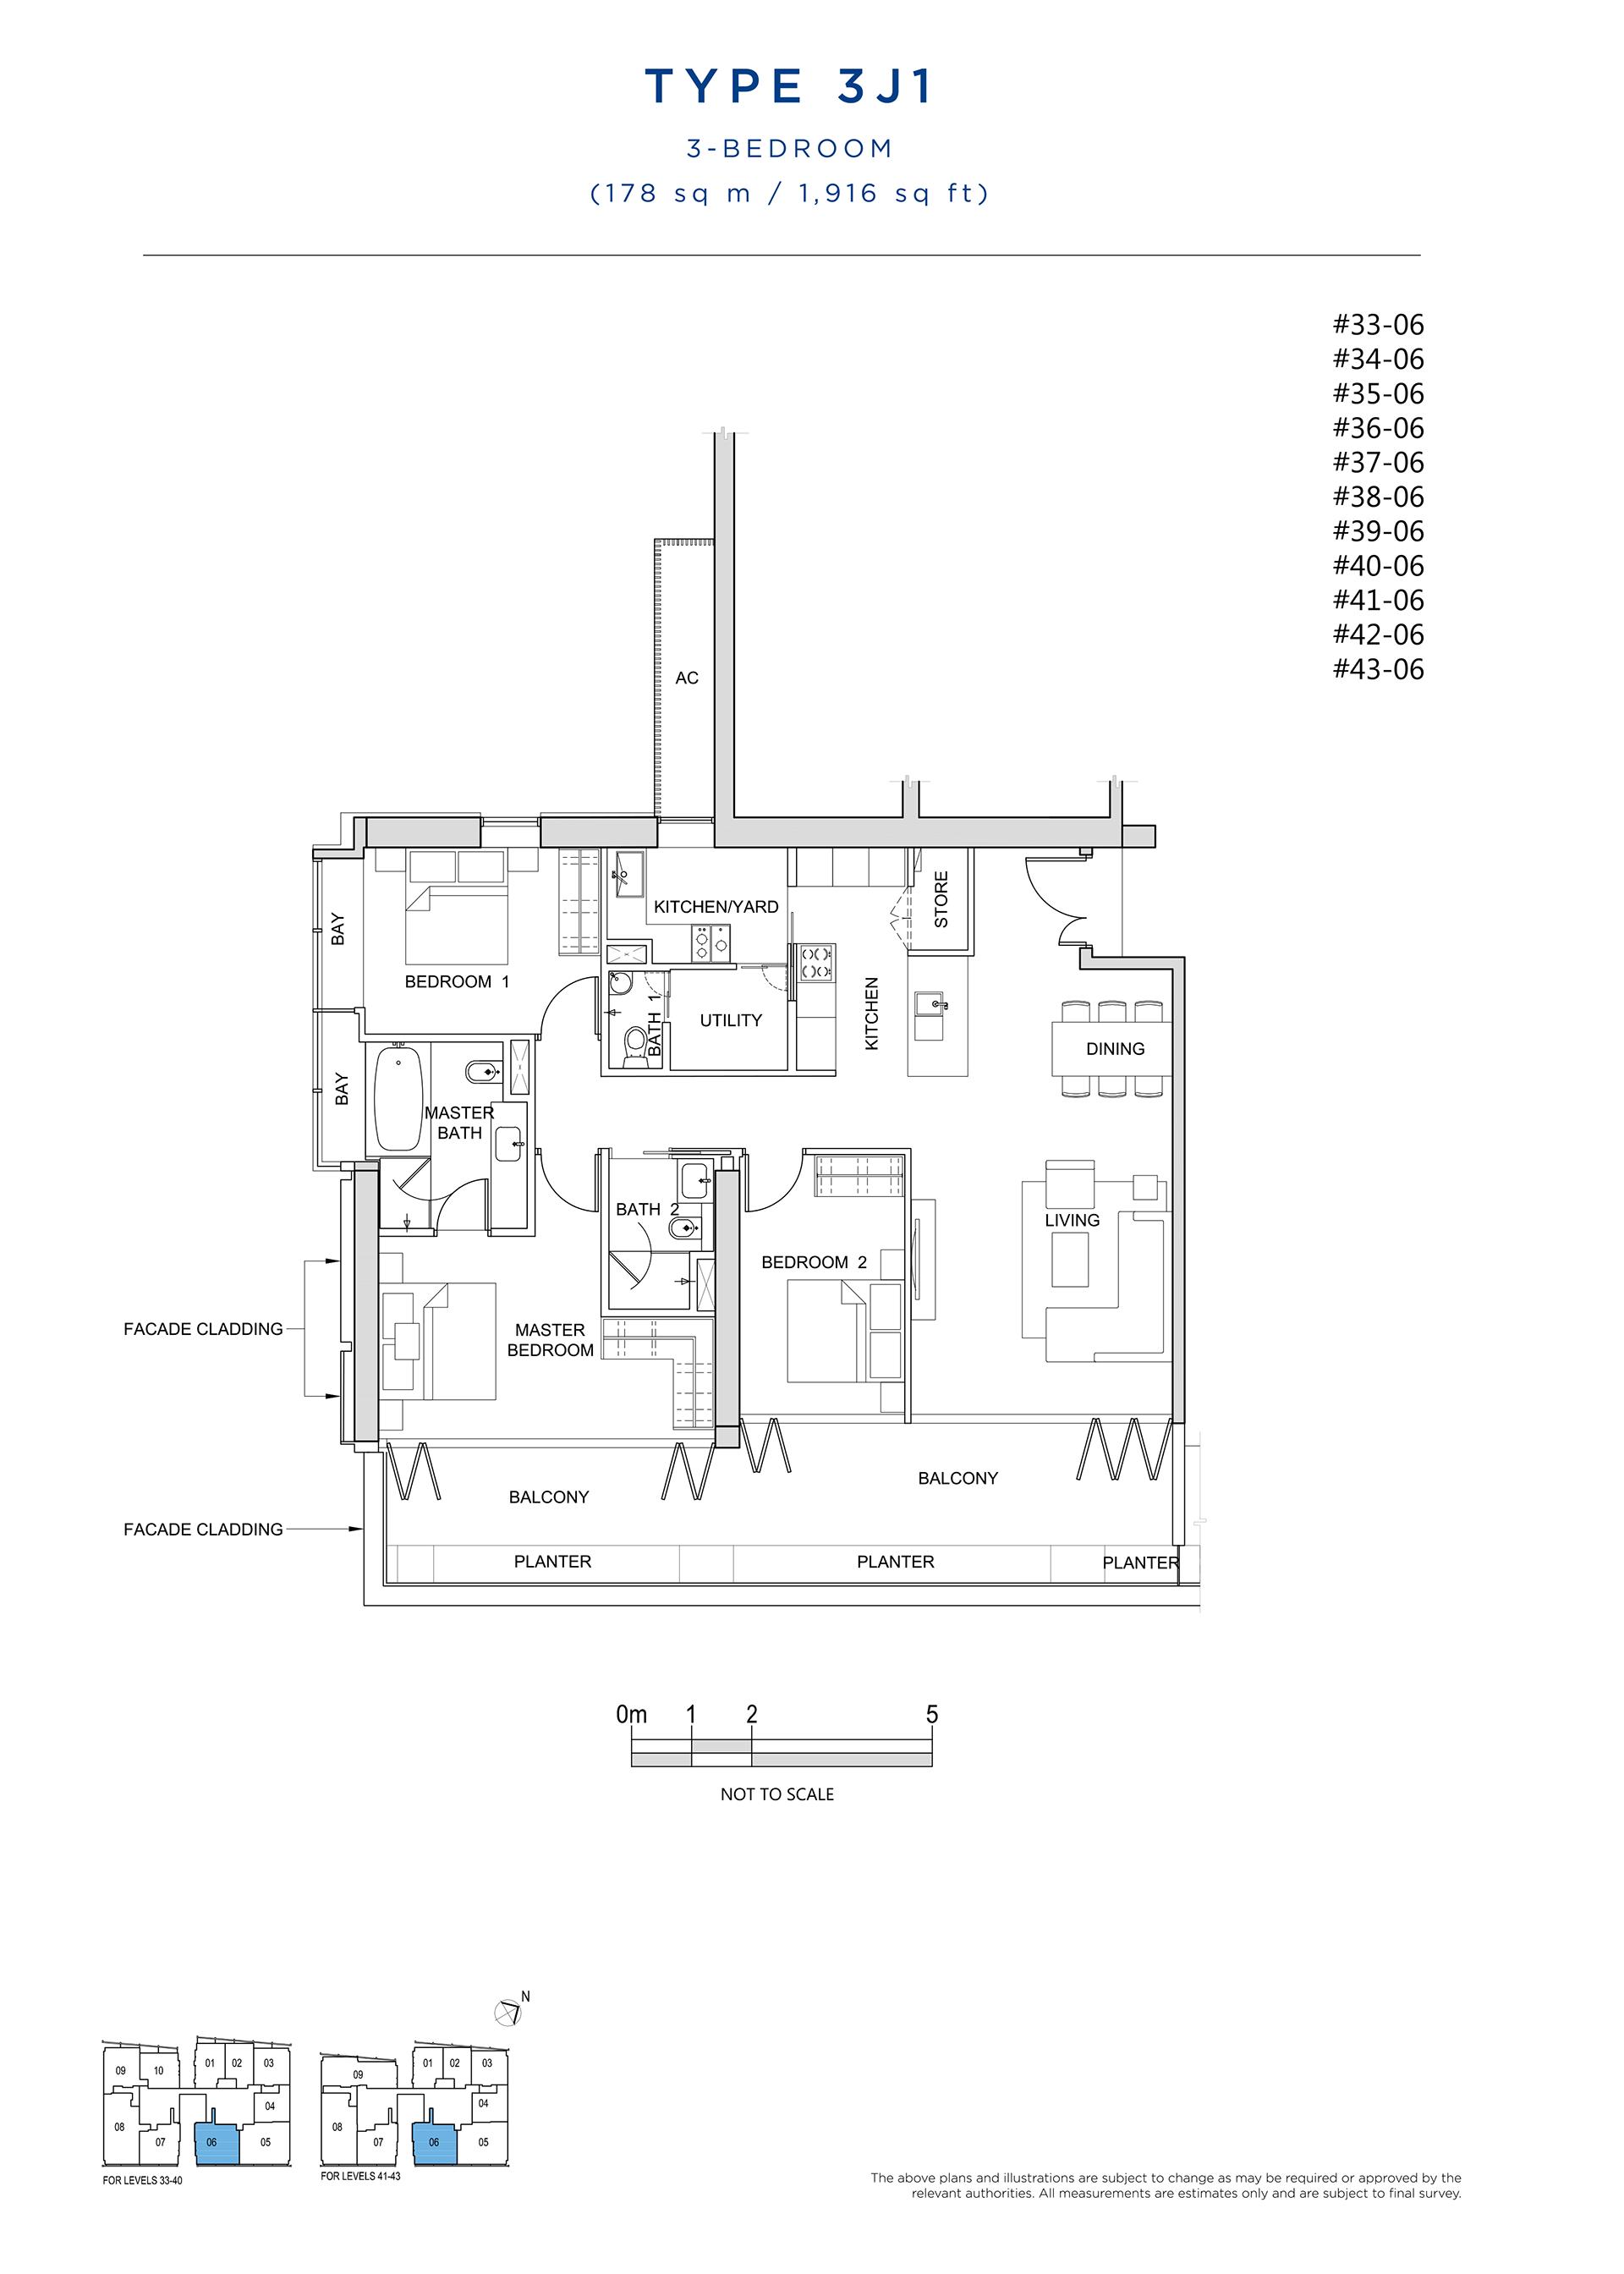 South Beach Residences 3 Bedroom Floor Plan Type 3J1